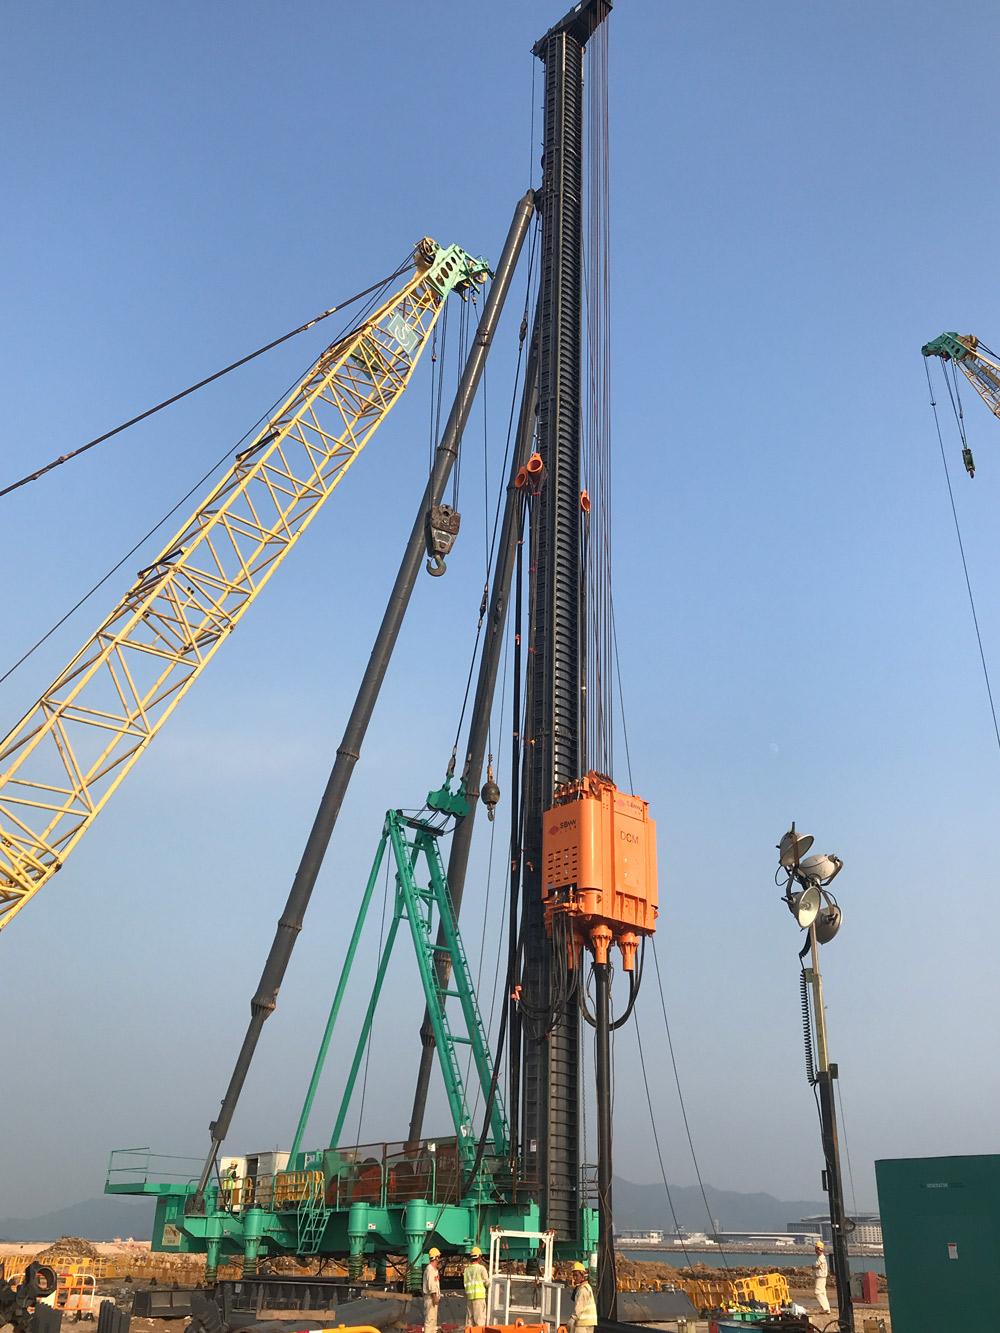 上工机械DCM110/120-M1陆用 深层搅拌处理机  (组合式)高清图 - 外观